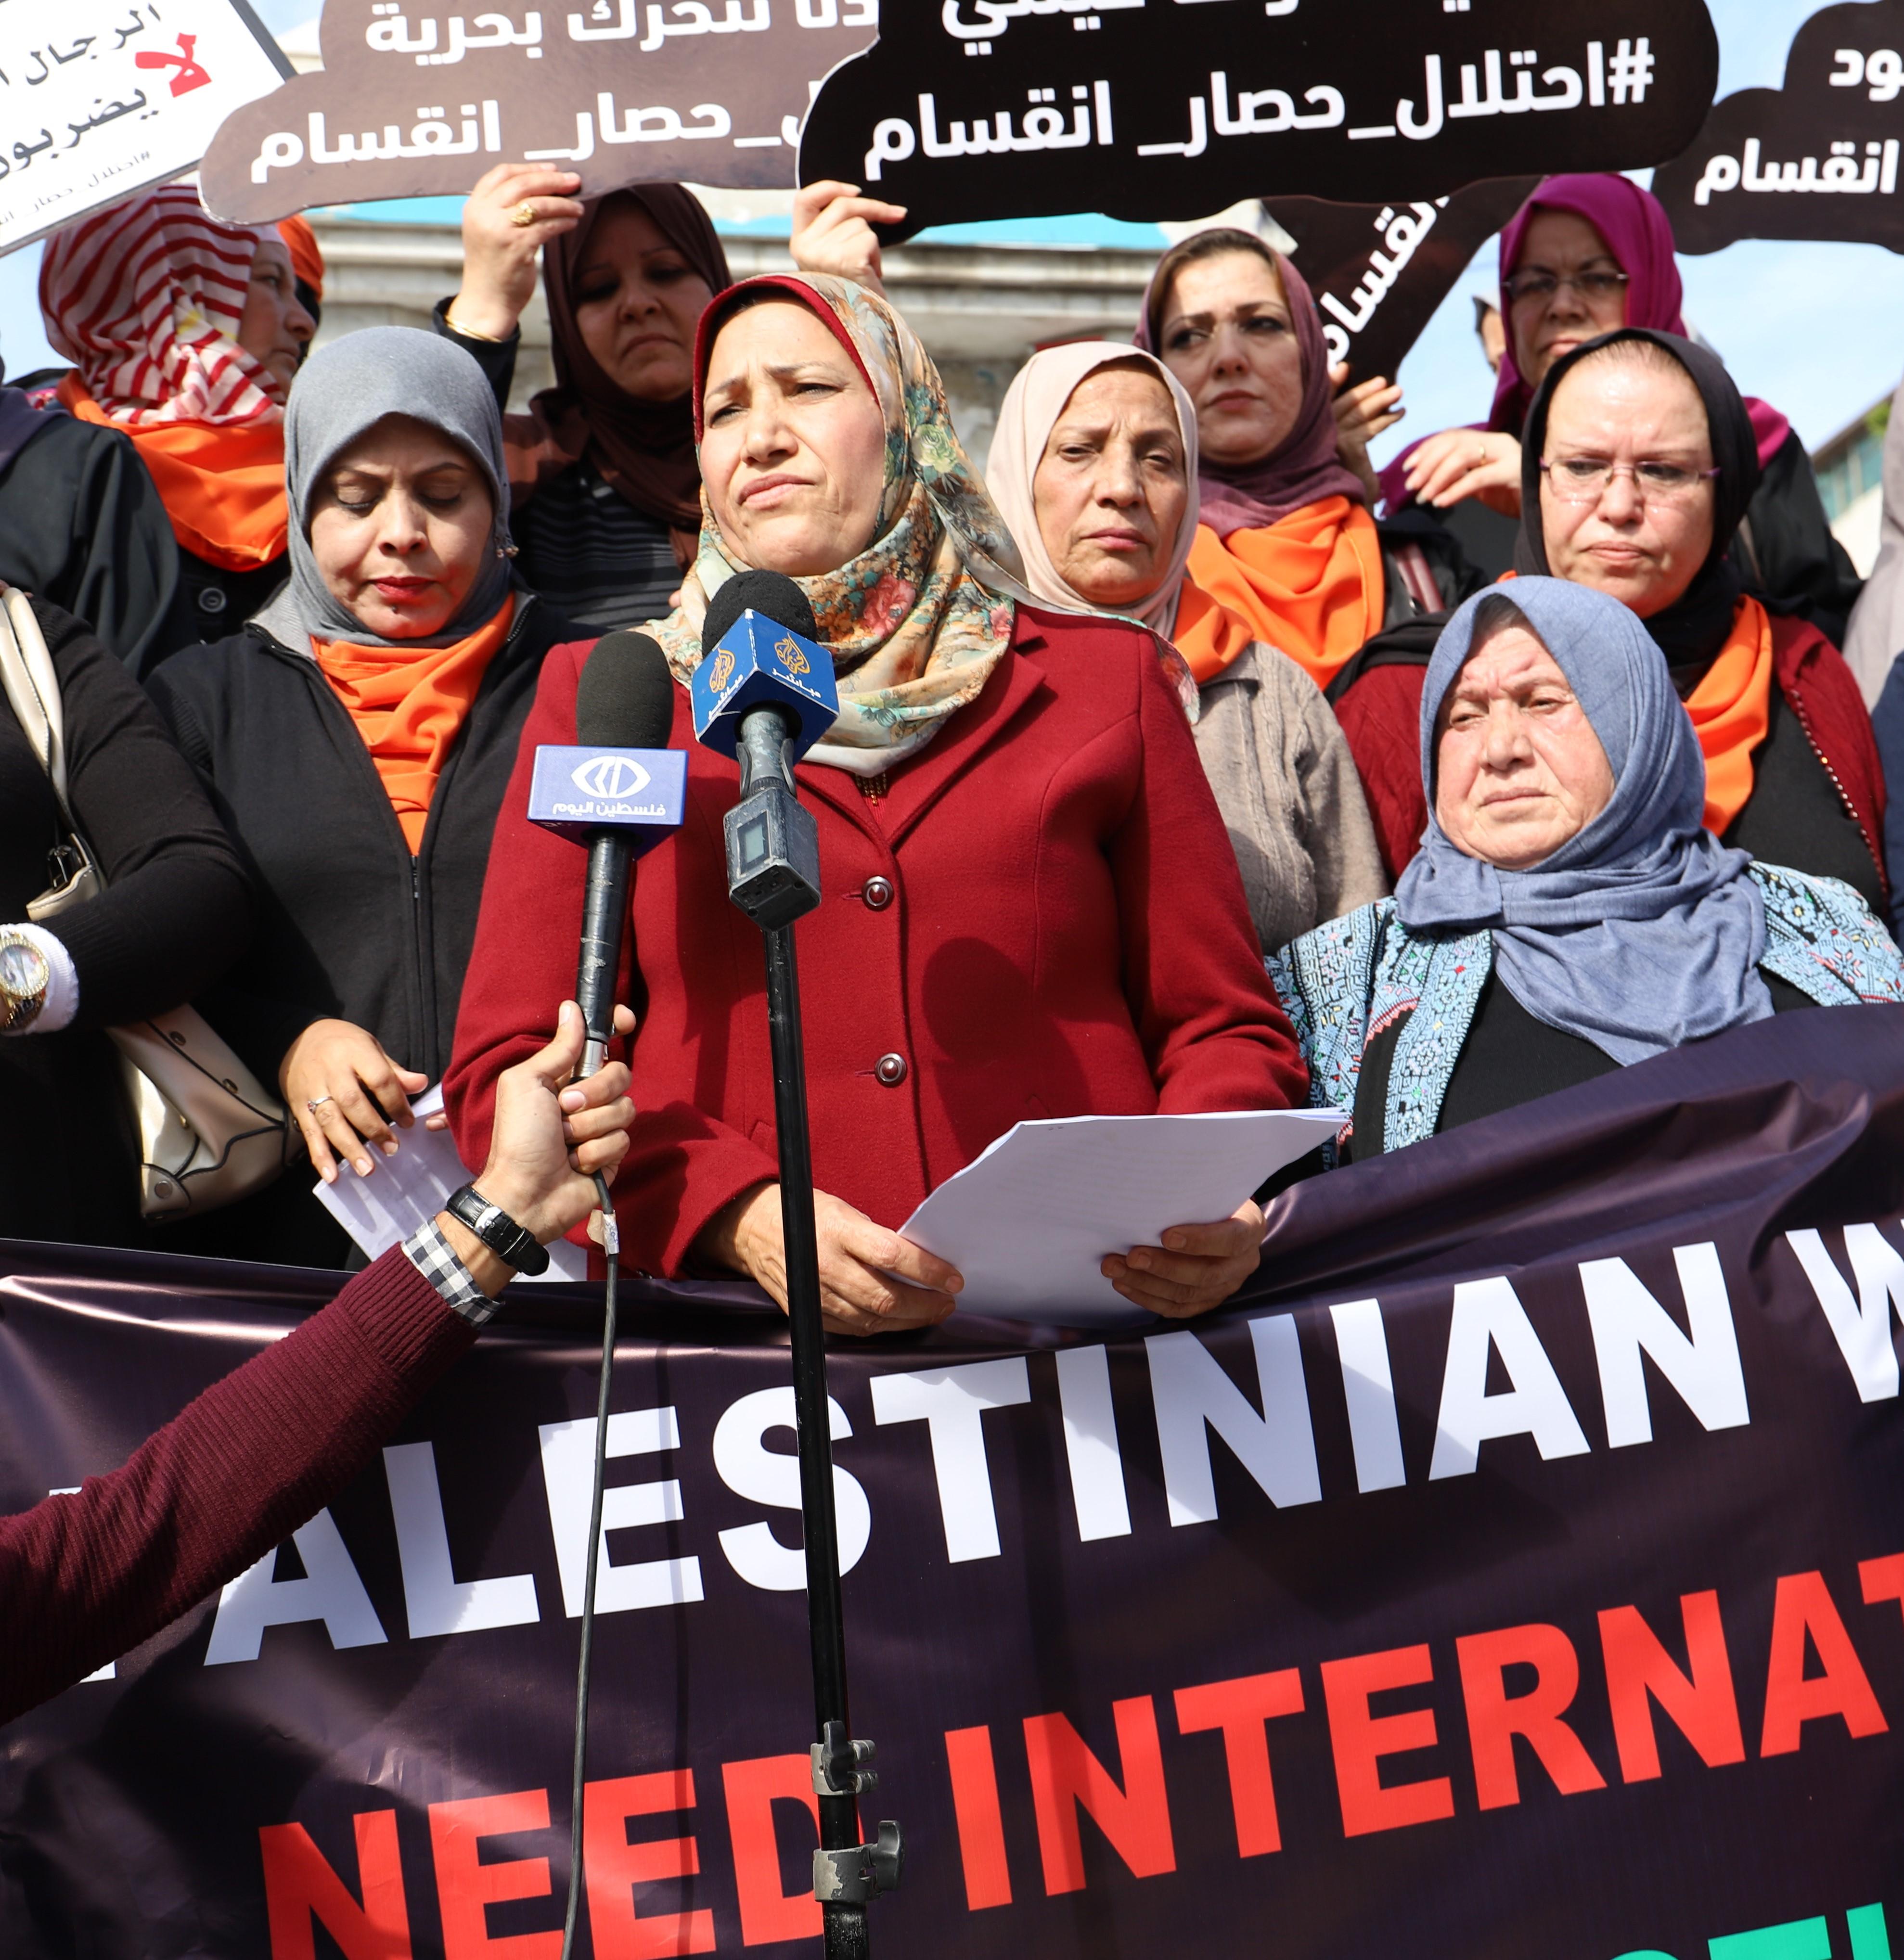 كلمة الاتحاد العام للمرأة الفلسطينية بمناسبة حملة 16 يوم لمناهضة العنف